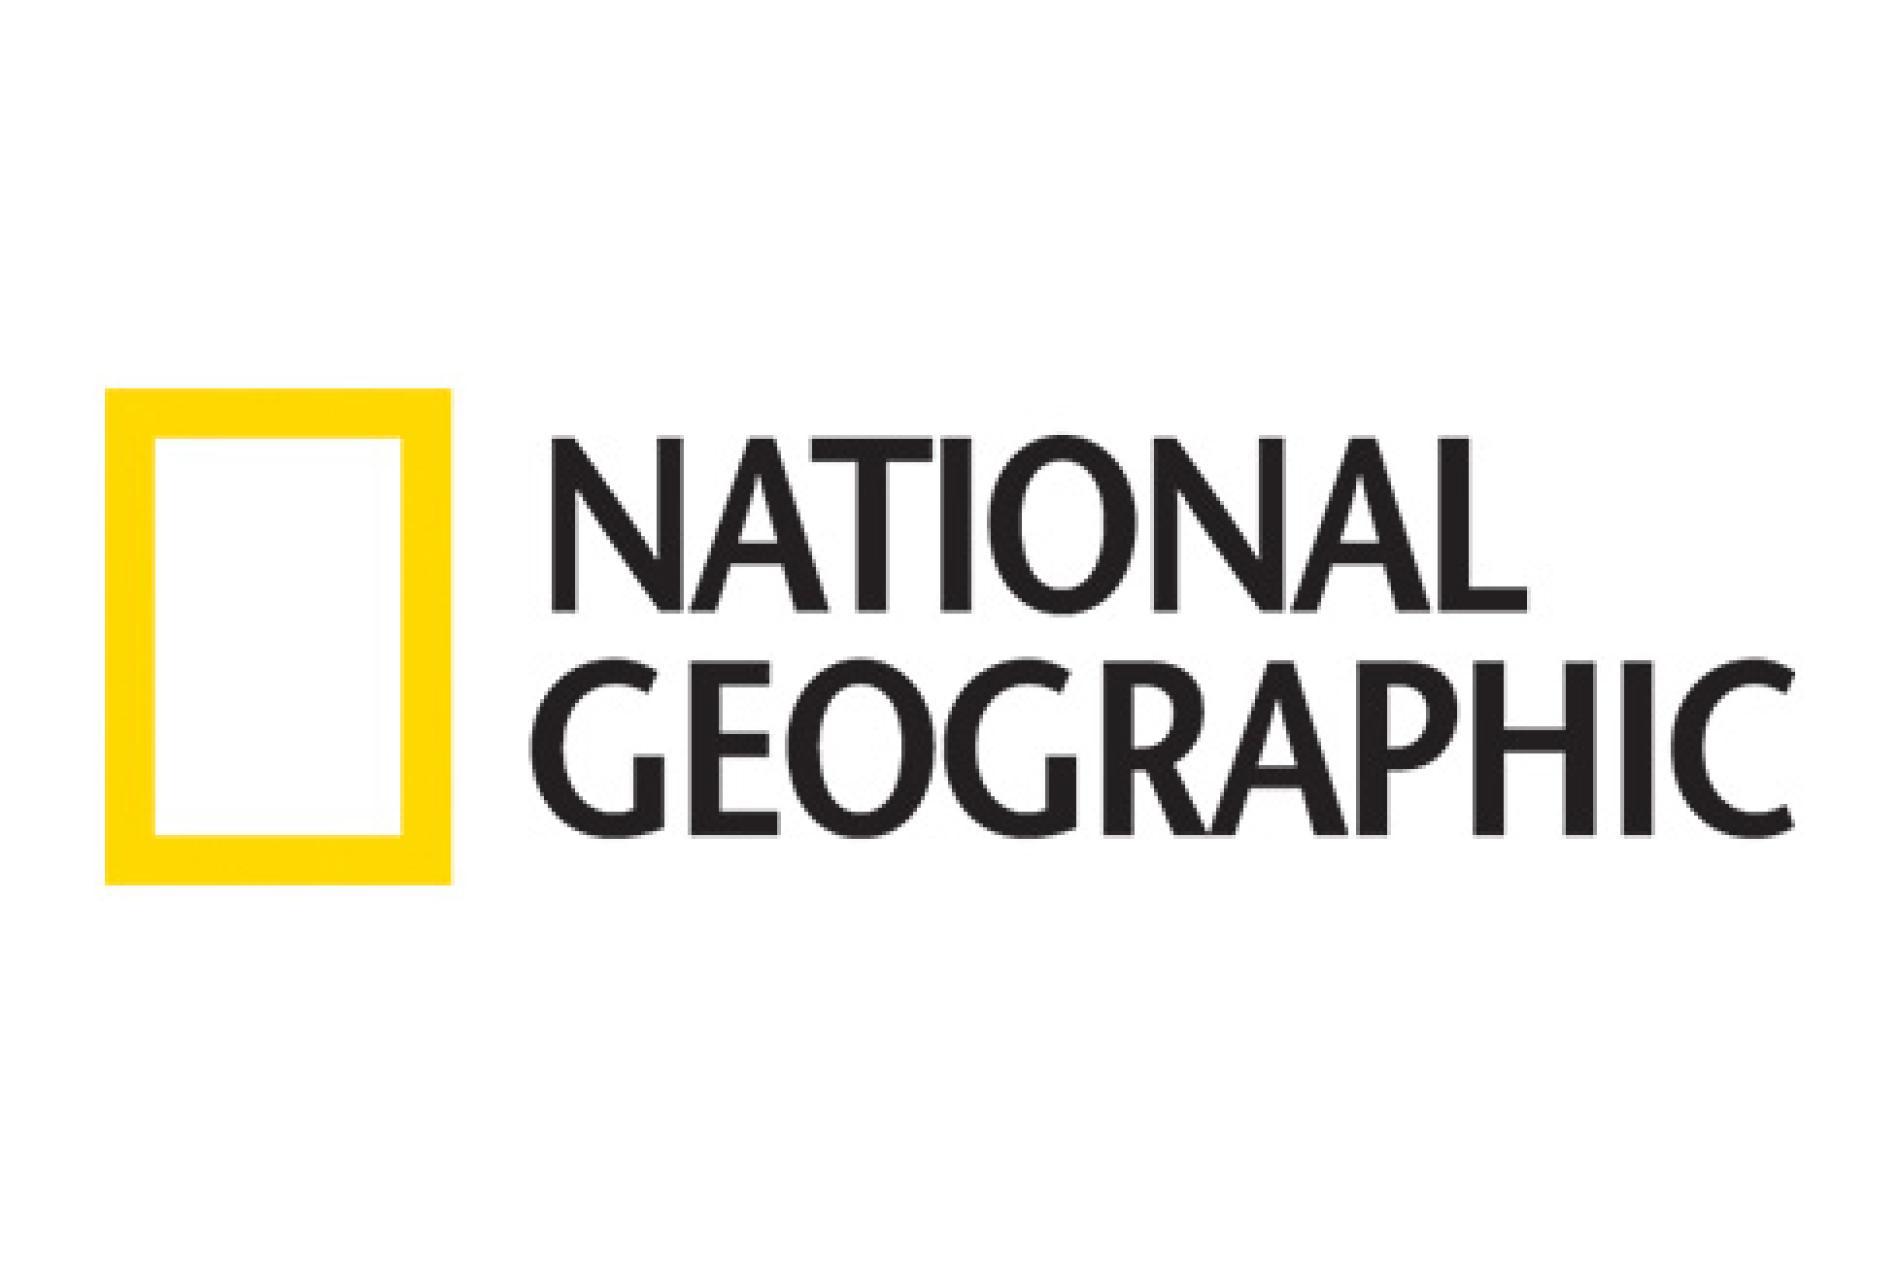 National Geographic presenta: Alla ricerca di Atlantide con James Cameron